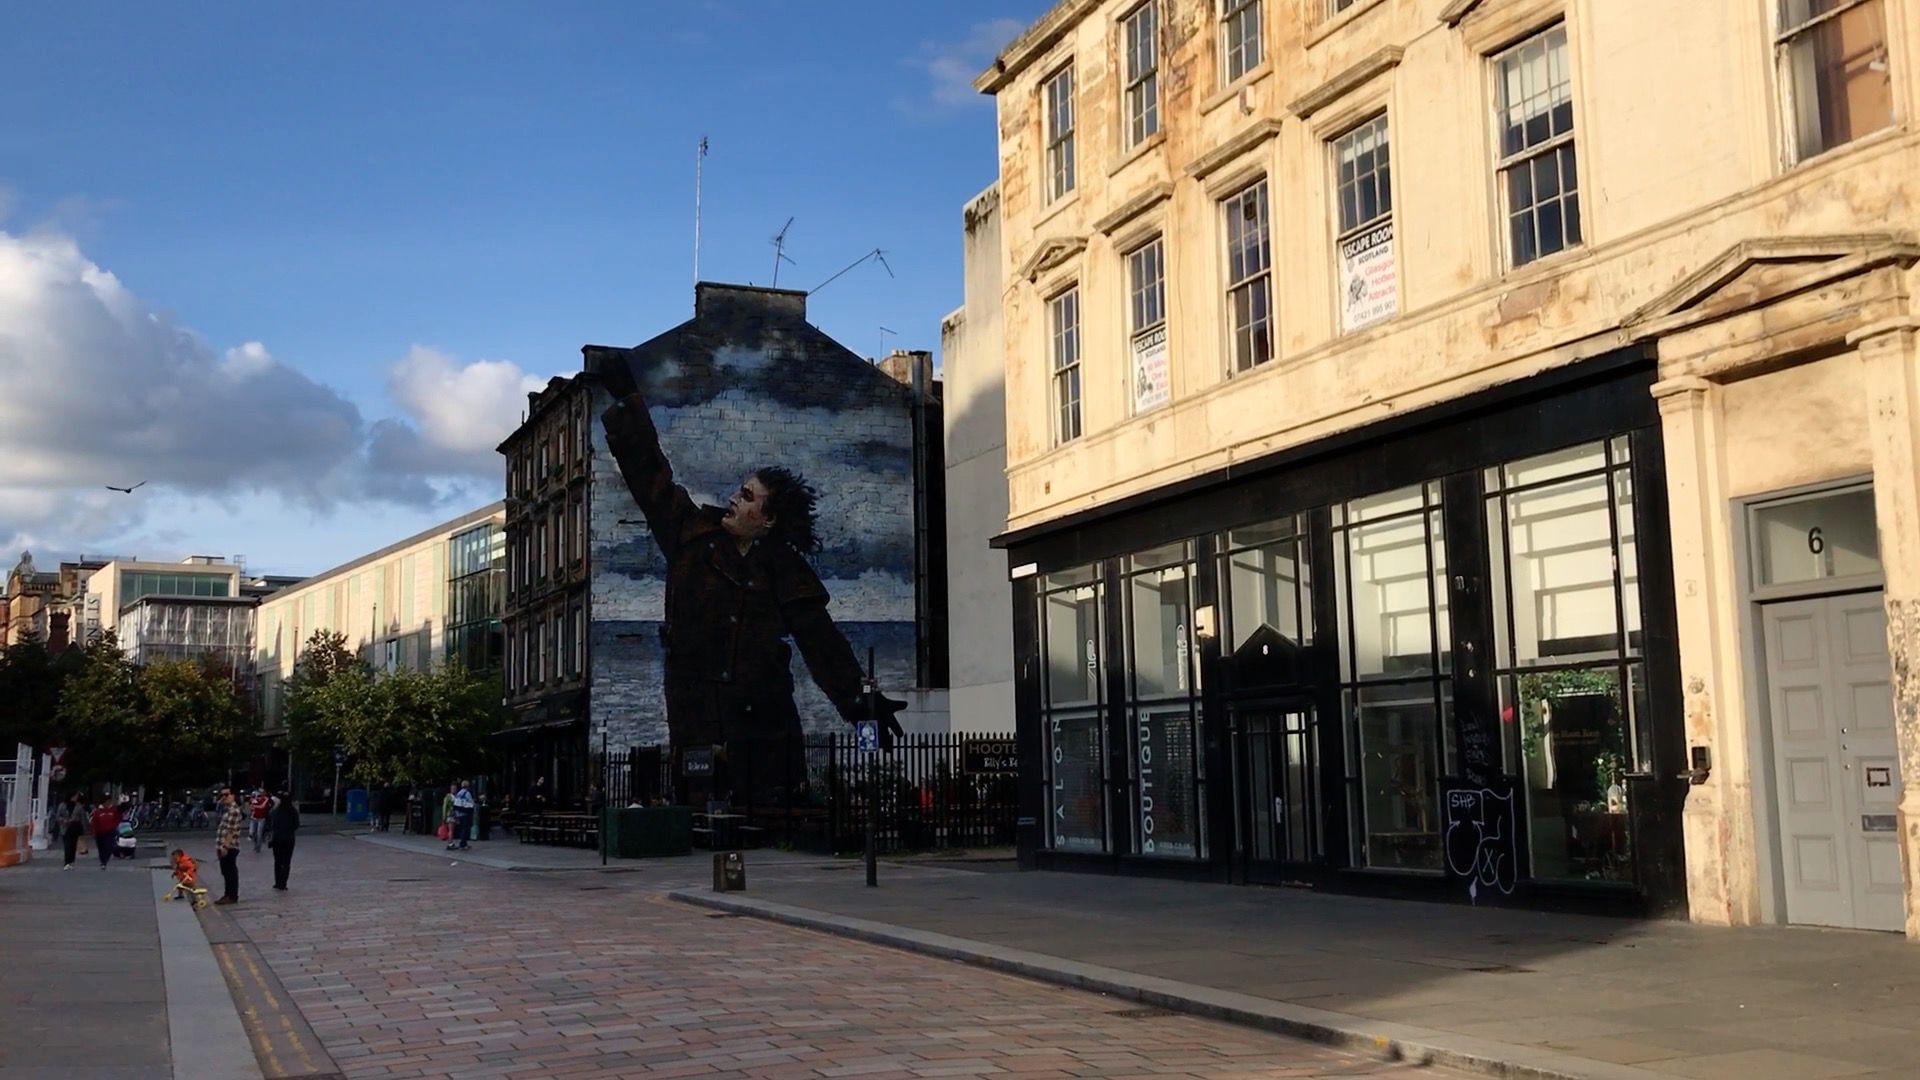 Glasgow - Street art